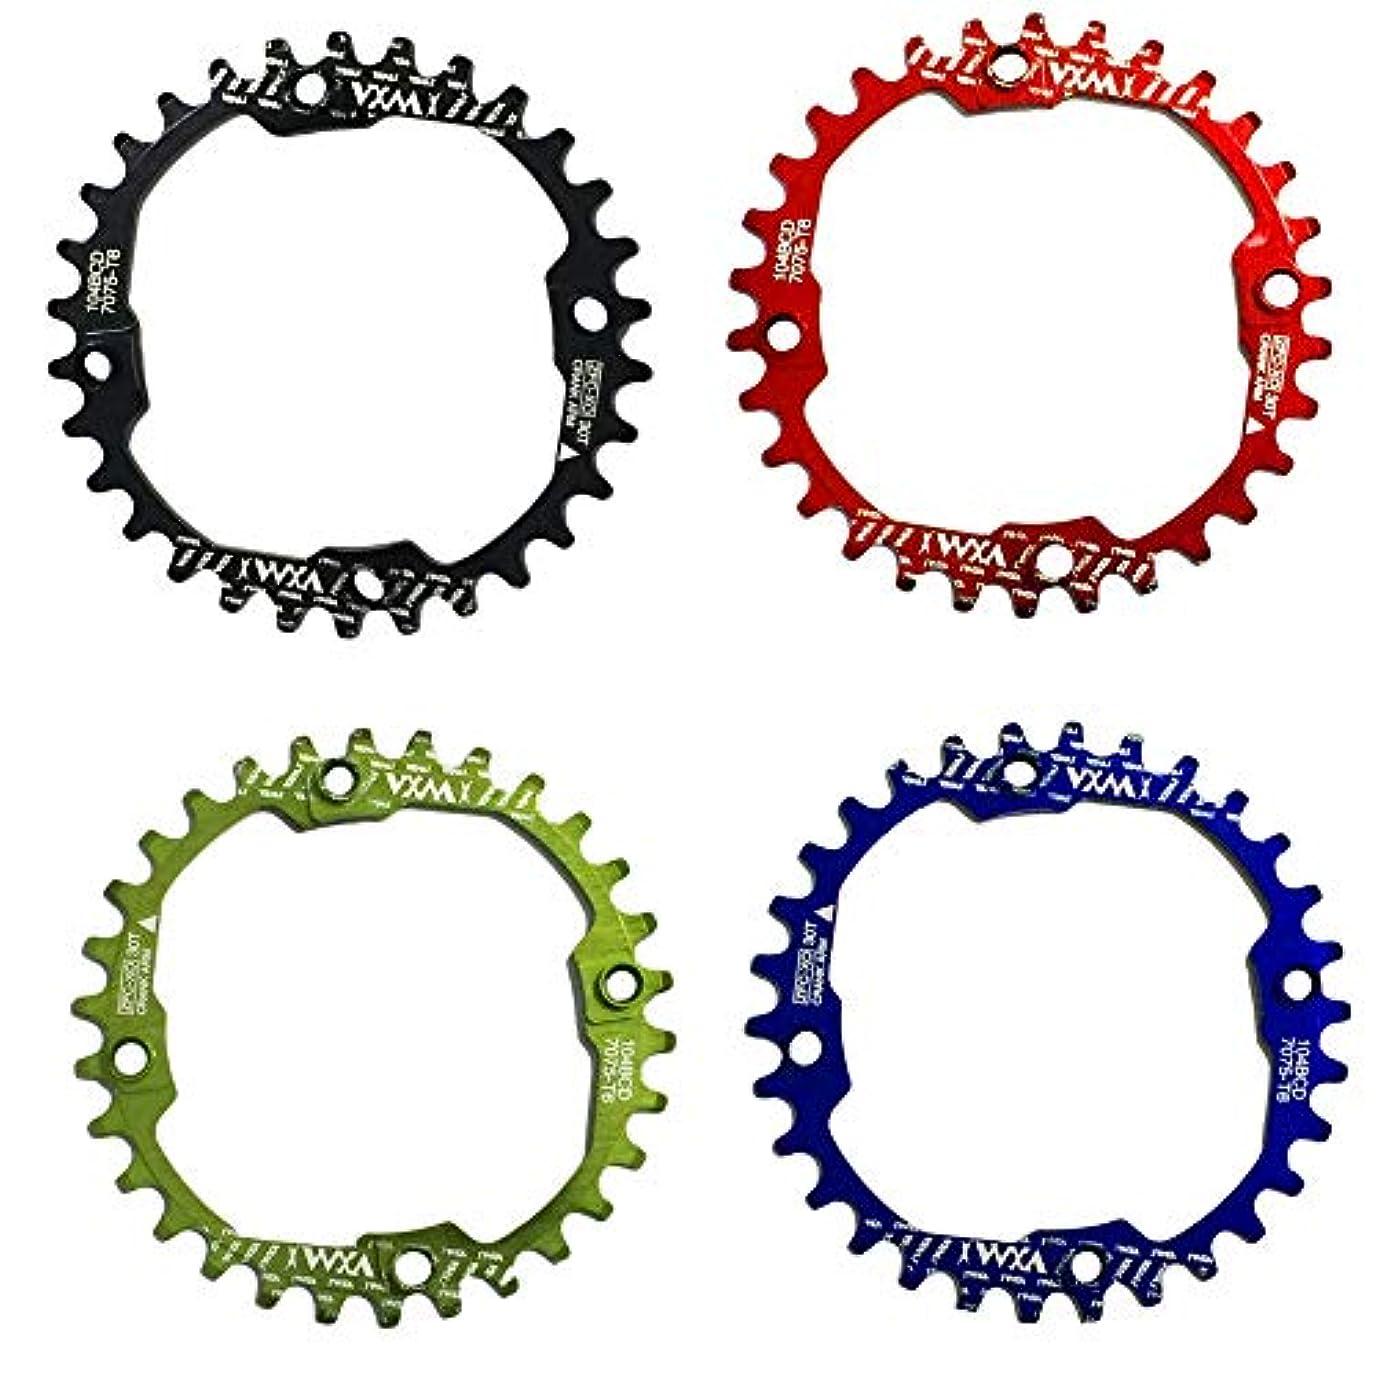 小売ナイロン育成Propenary - 1PC Bicycle Chainwheel Crank 30T 104BCD Aluminum Alloy Narrow Wide Chainring Round Bike Chainwheel Crankset Bicycle Parts [ Red ]